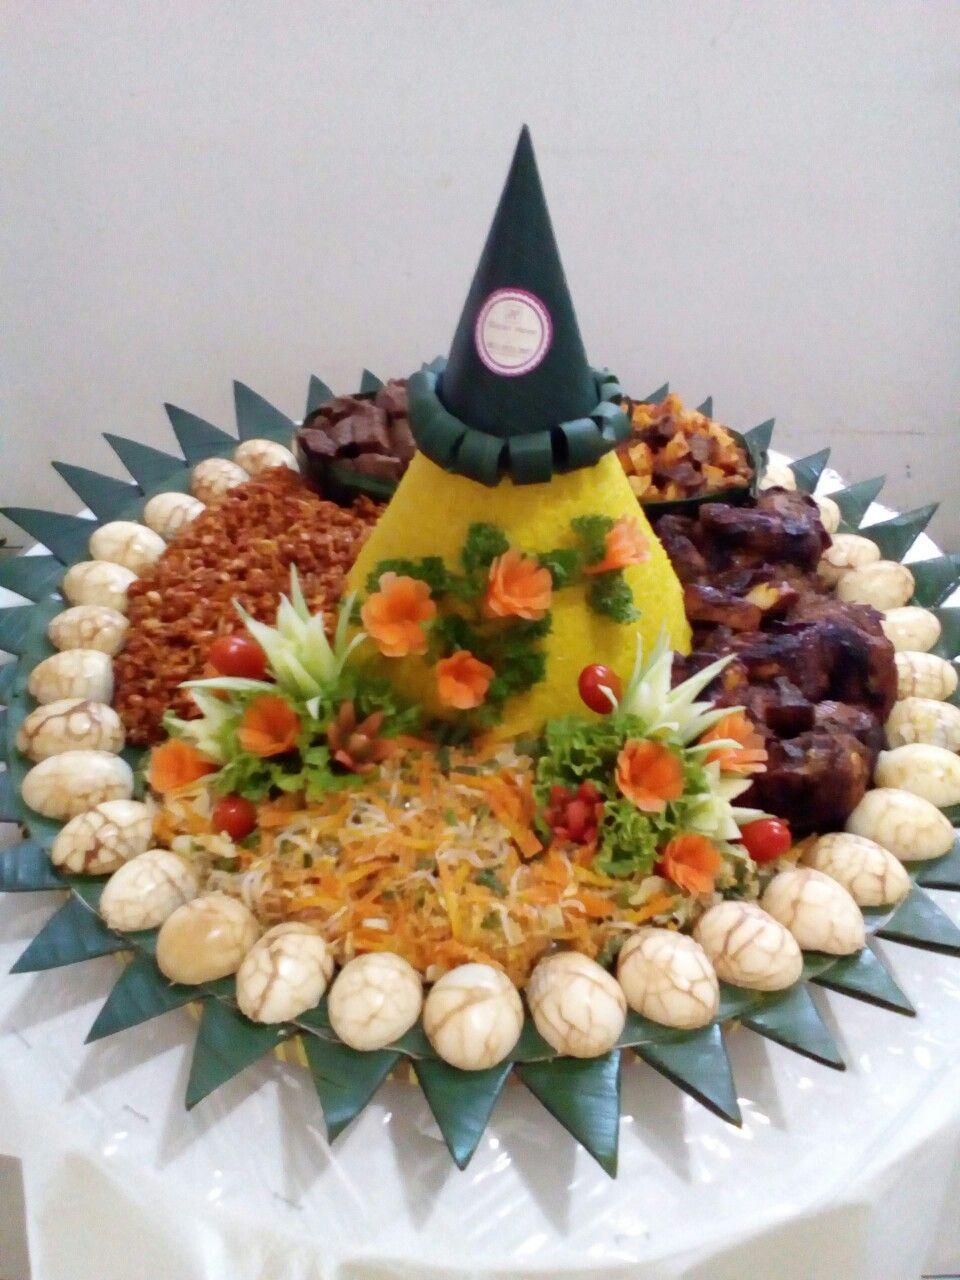 Tumpeng Cantik Pesan Tumpeng Ulang Tahun Nasi Kuning Tumpeng Wa 081293232007 Or Visit Http Dapurhana Com Seni Makanan Penyajian Makanan Dekorasi Makanan